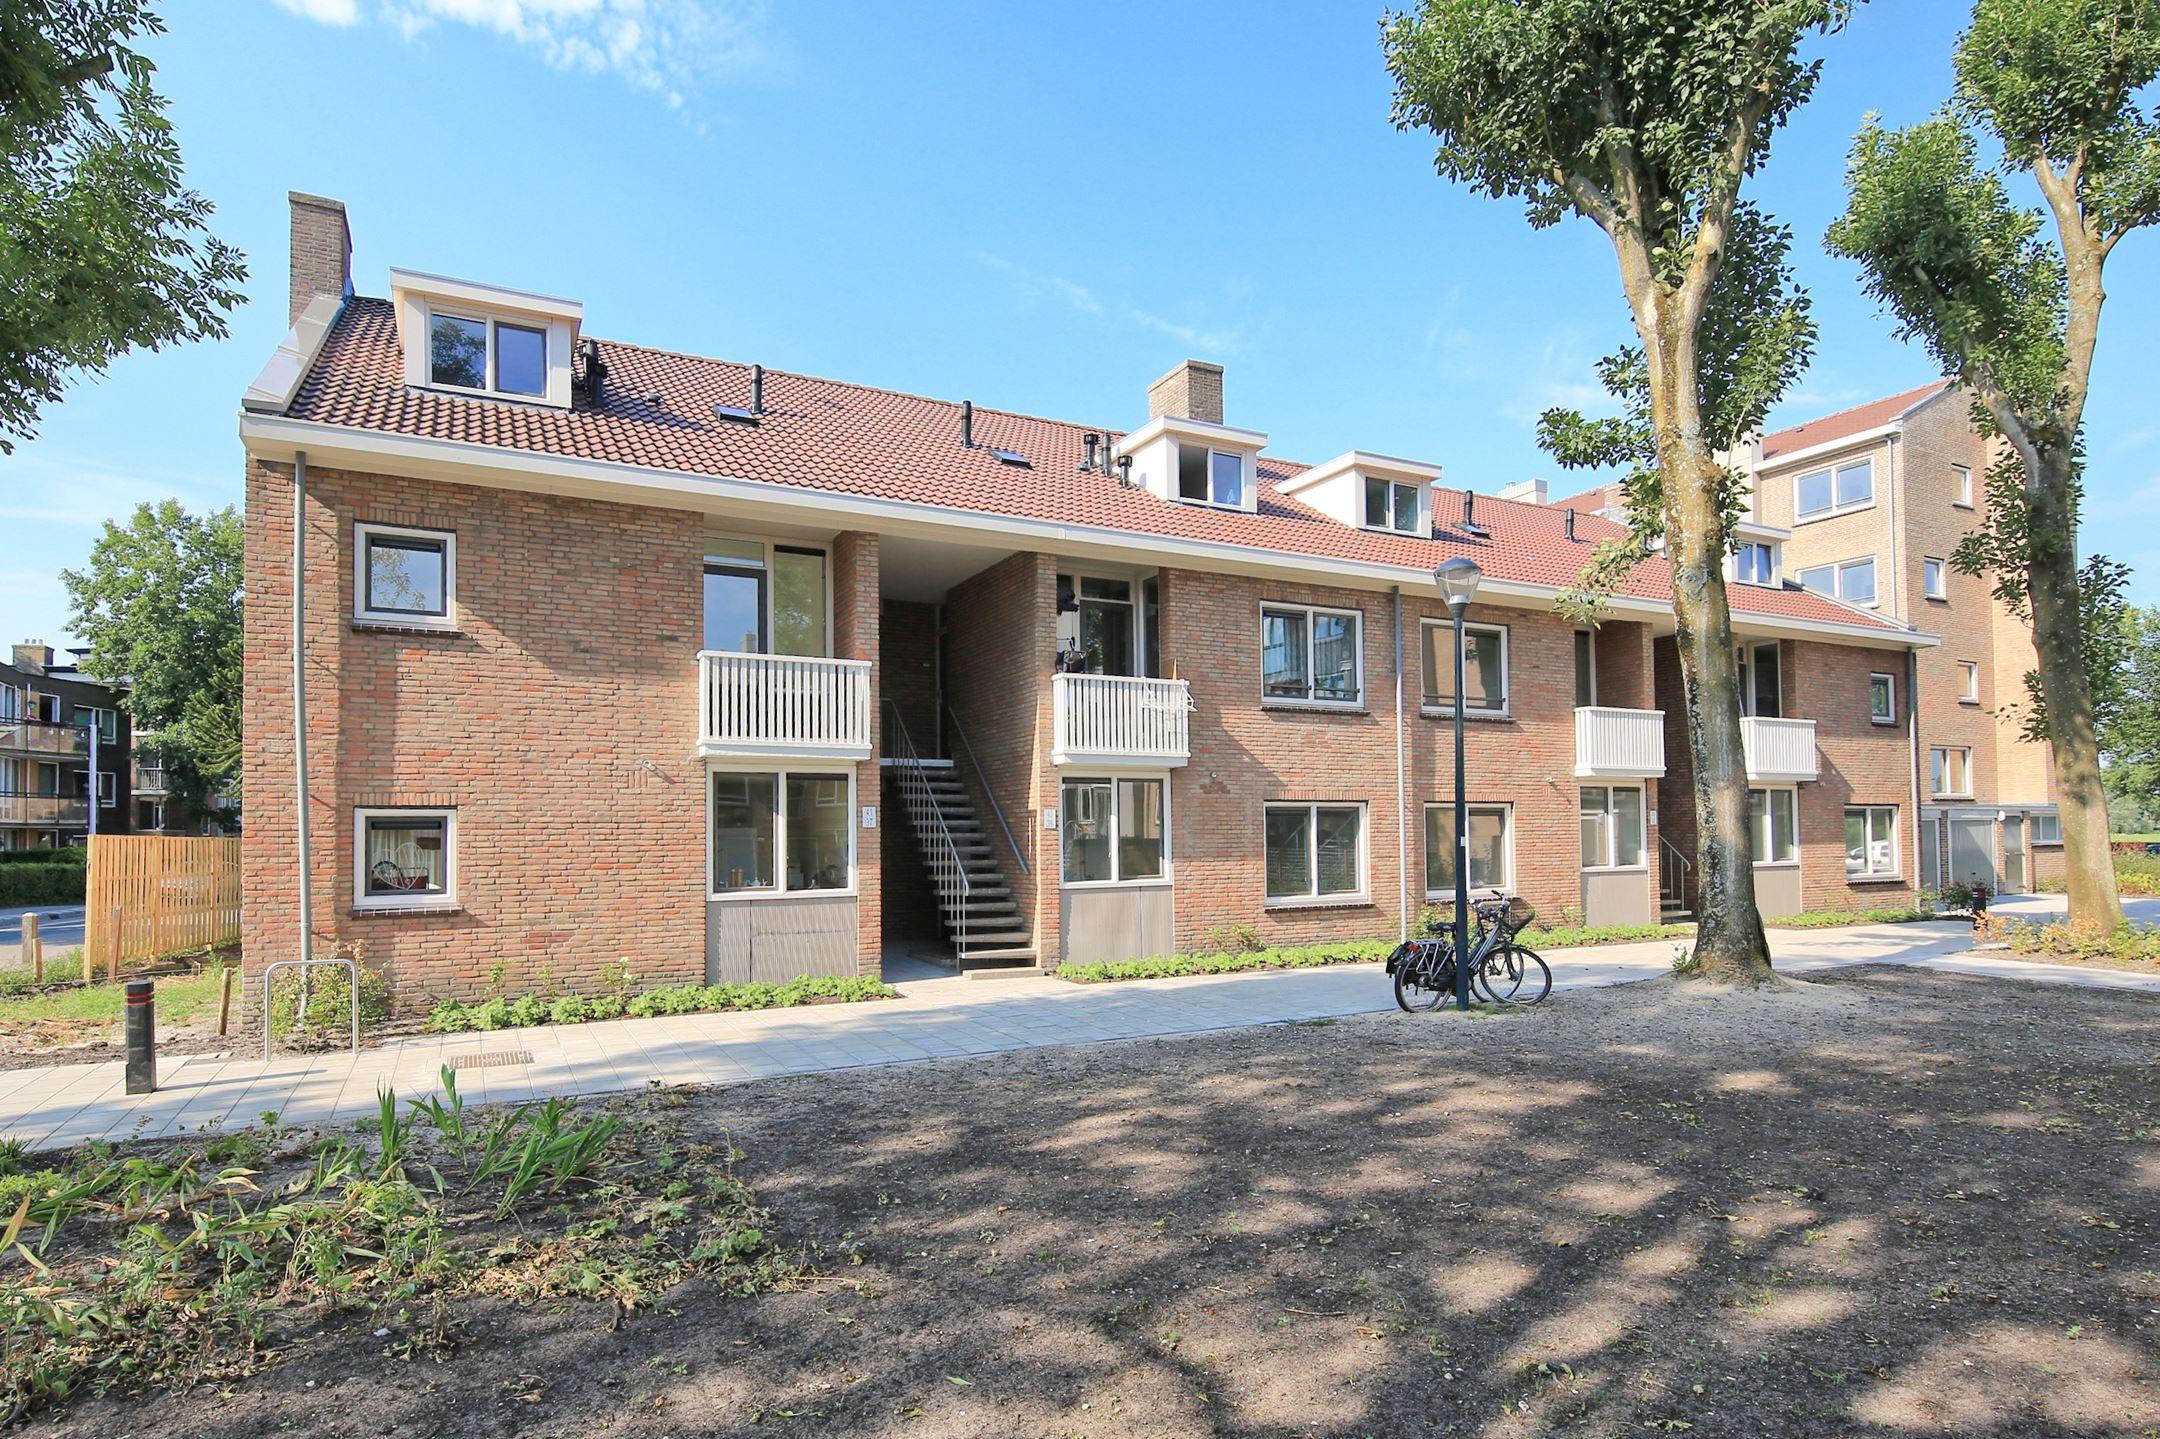 van-schendelbuurt-delftwijk-haarlem-noord-jaren-60-woning